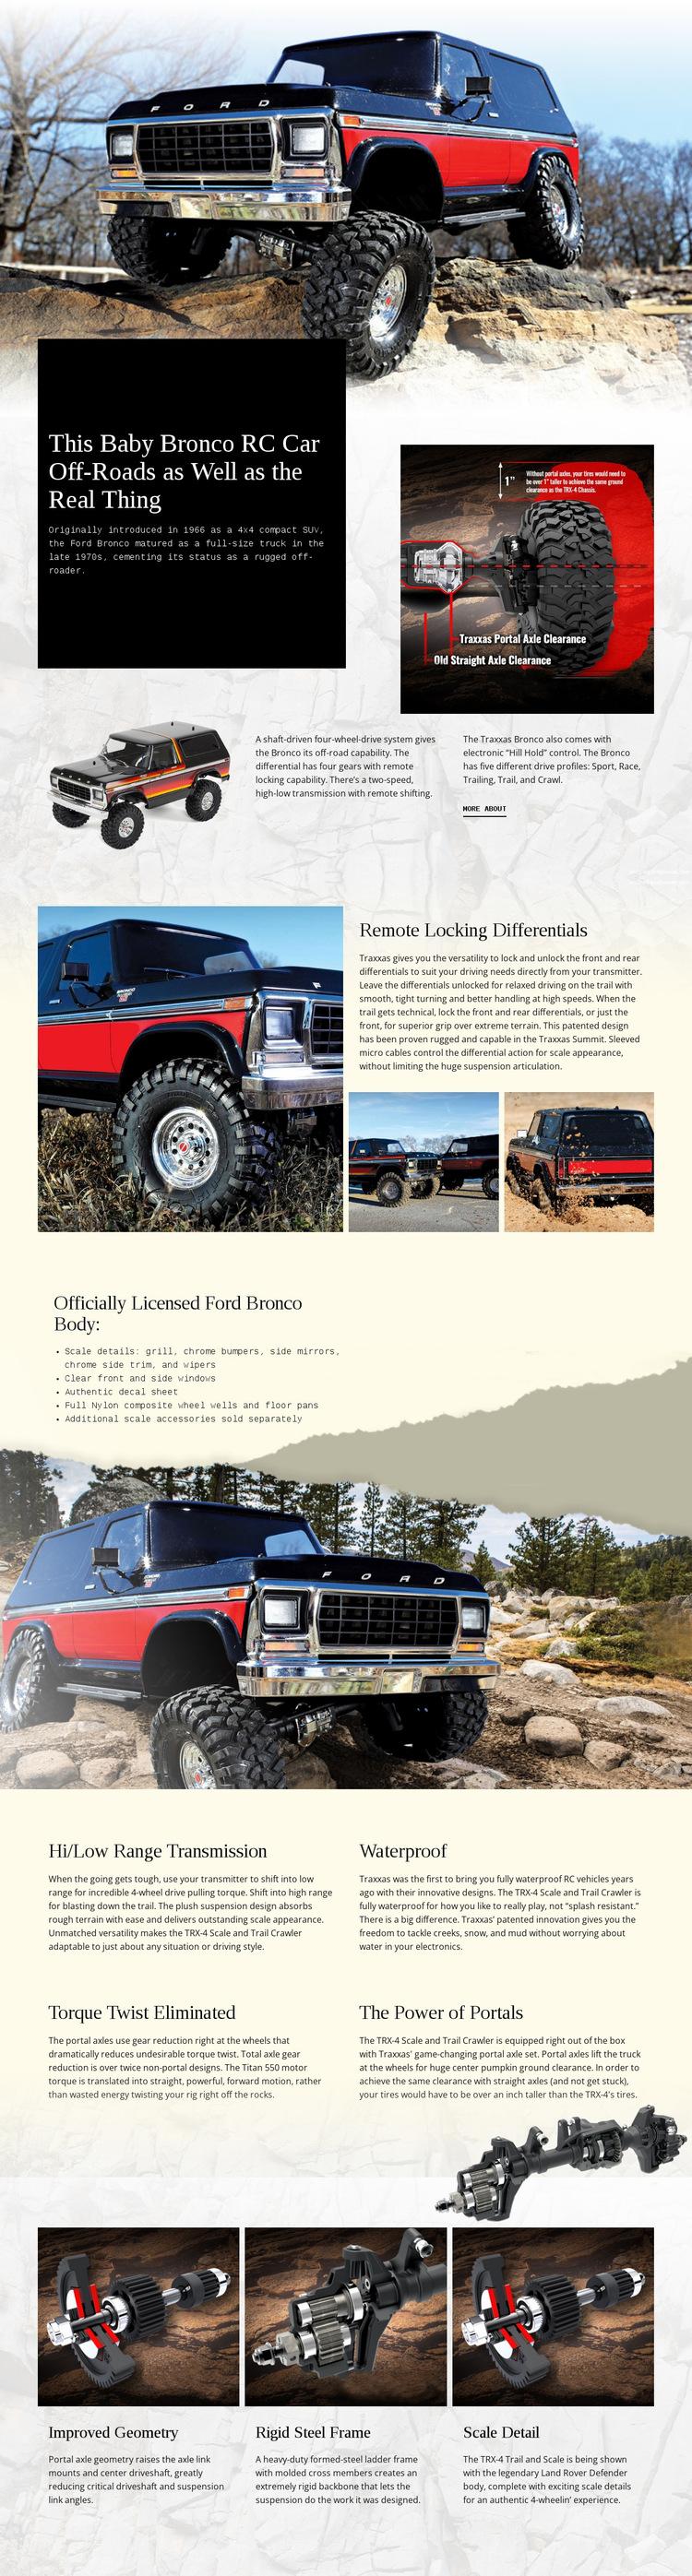 Bronco Rc Car Website Builder